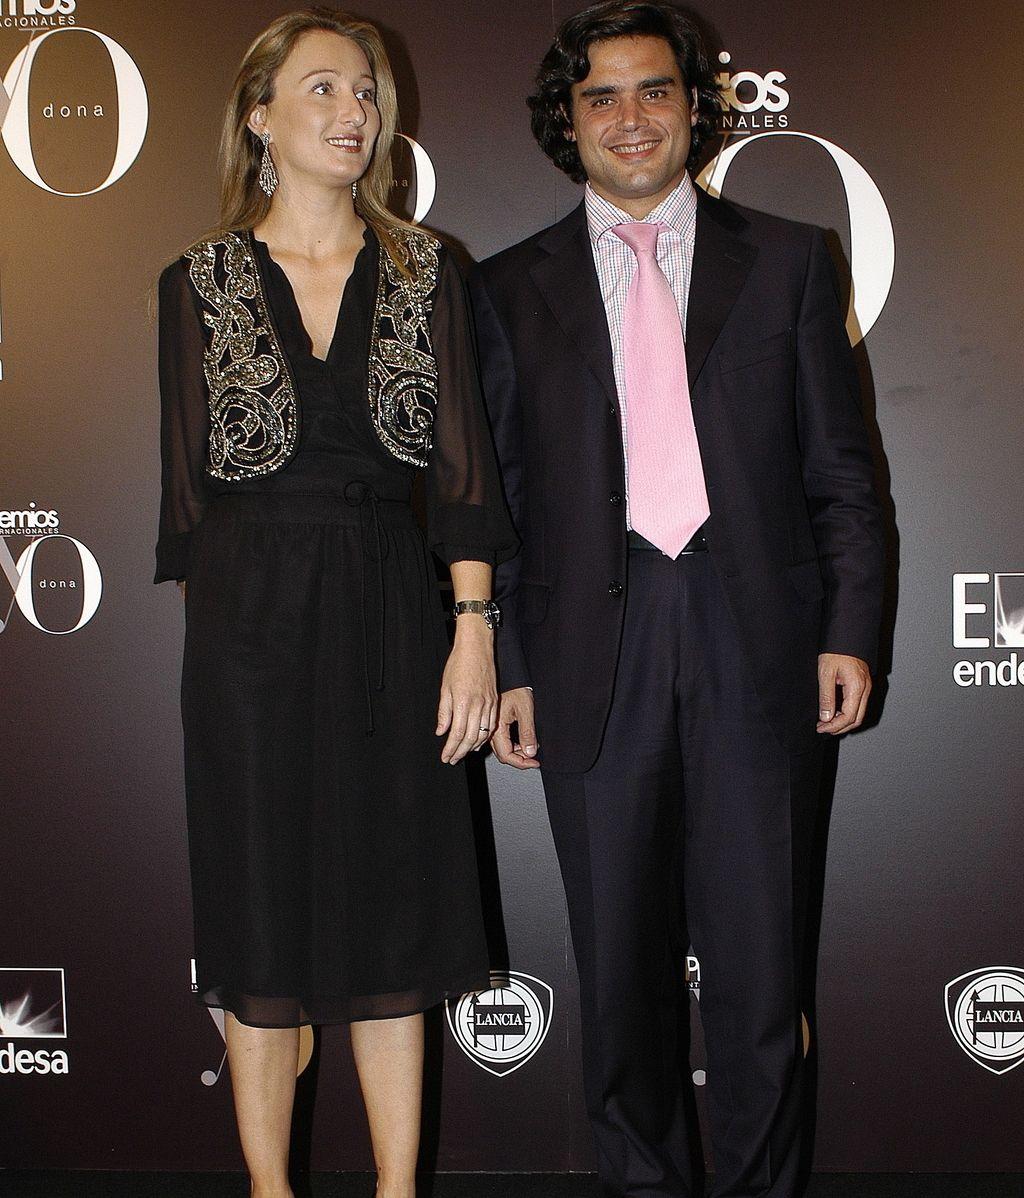 Andrea Fabra y su marido  Juan José Güemes